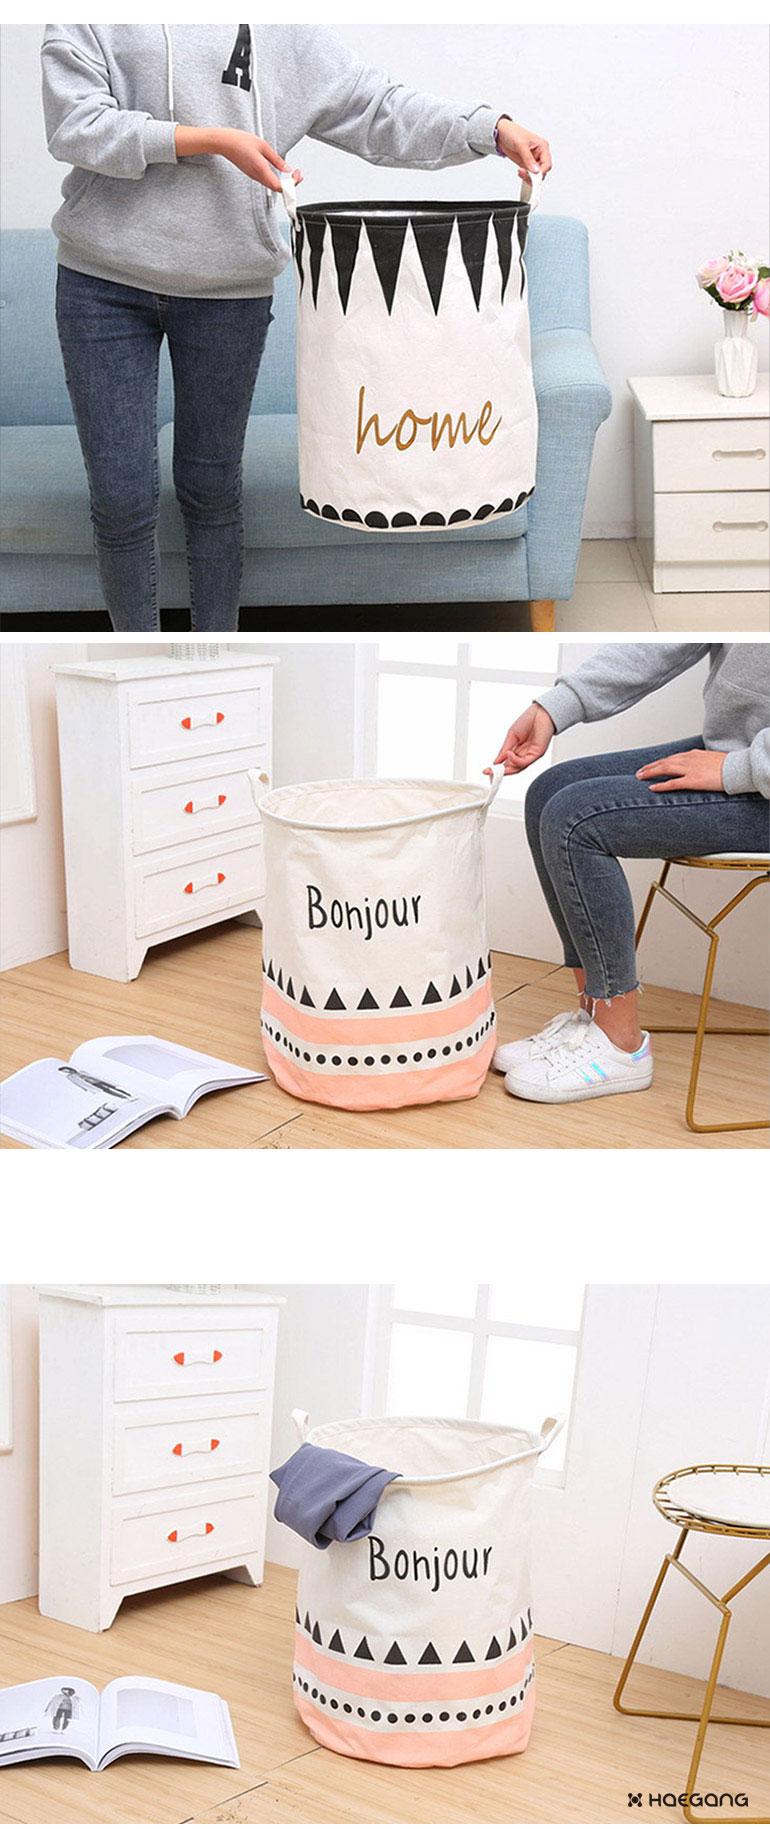 린넨 원형 빨래 바구니 - 세일덕, 7,500원, 세탁용품, 빨래바구니